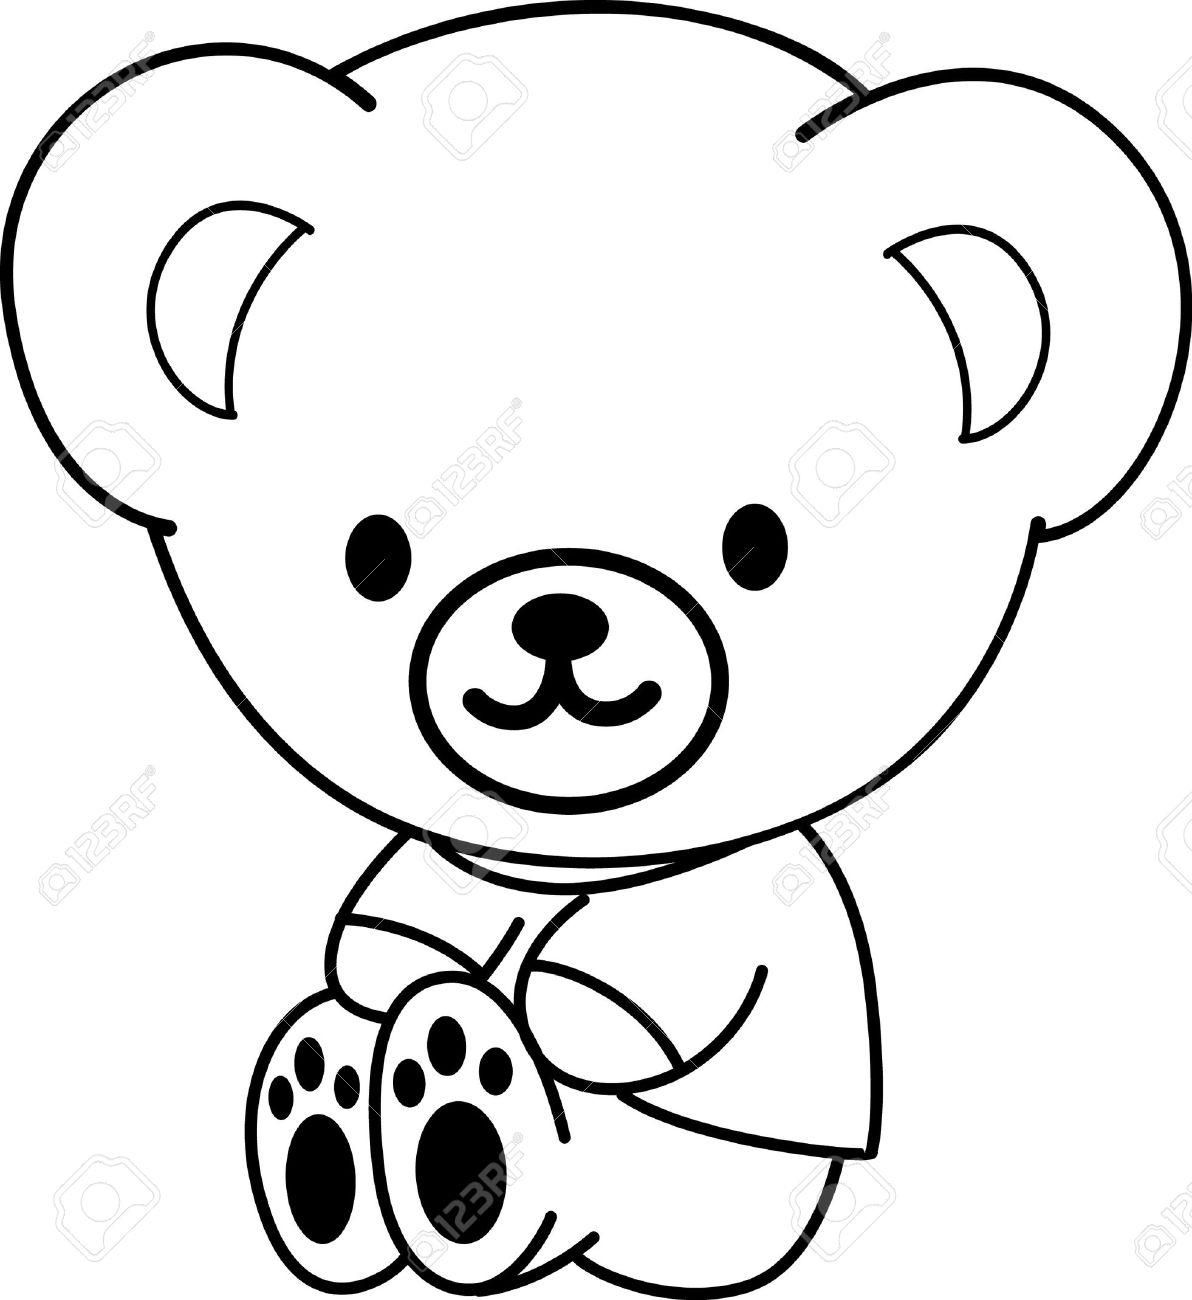 Bear Drawing At Getdrawings